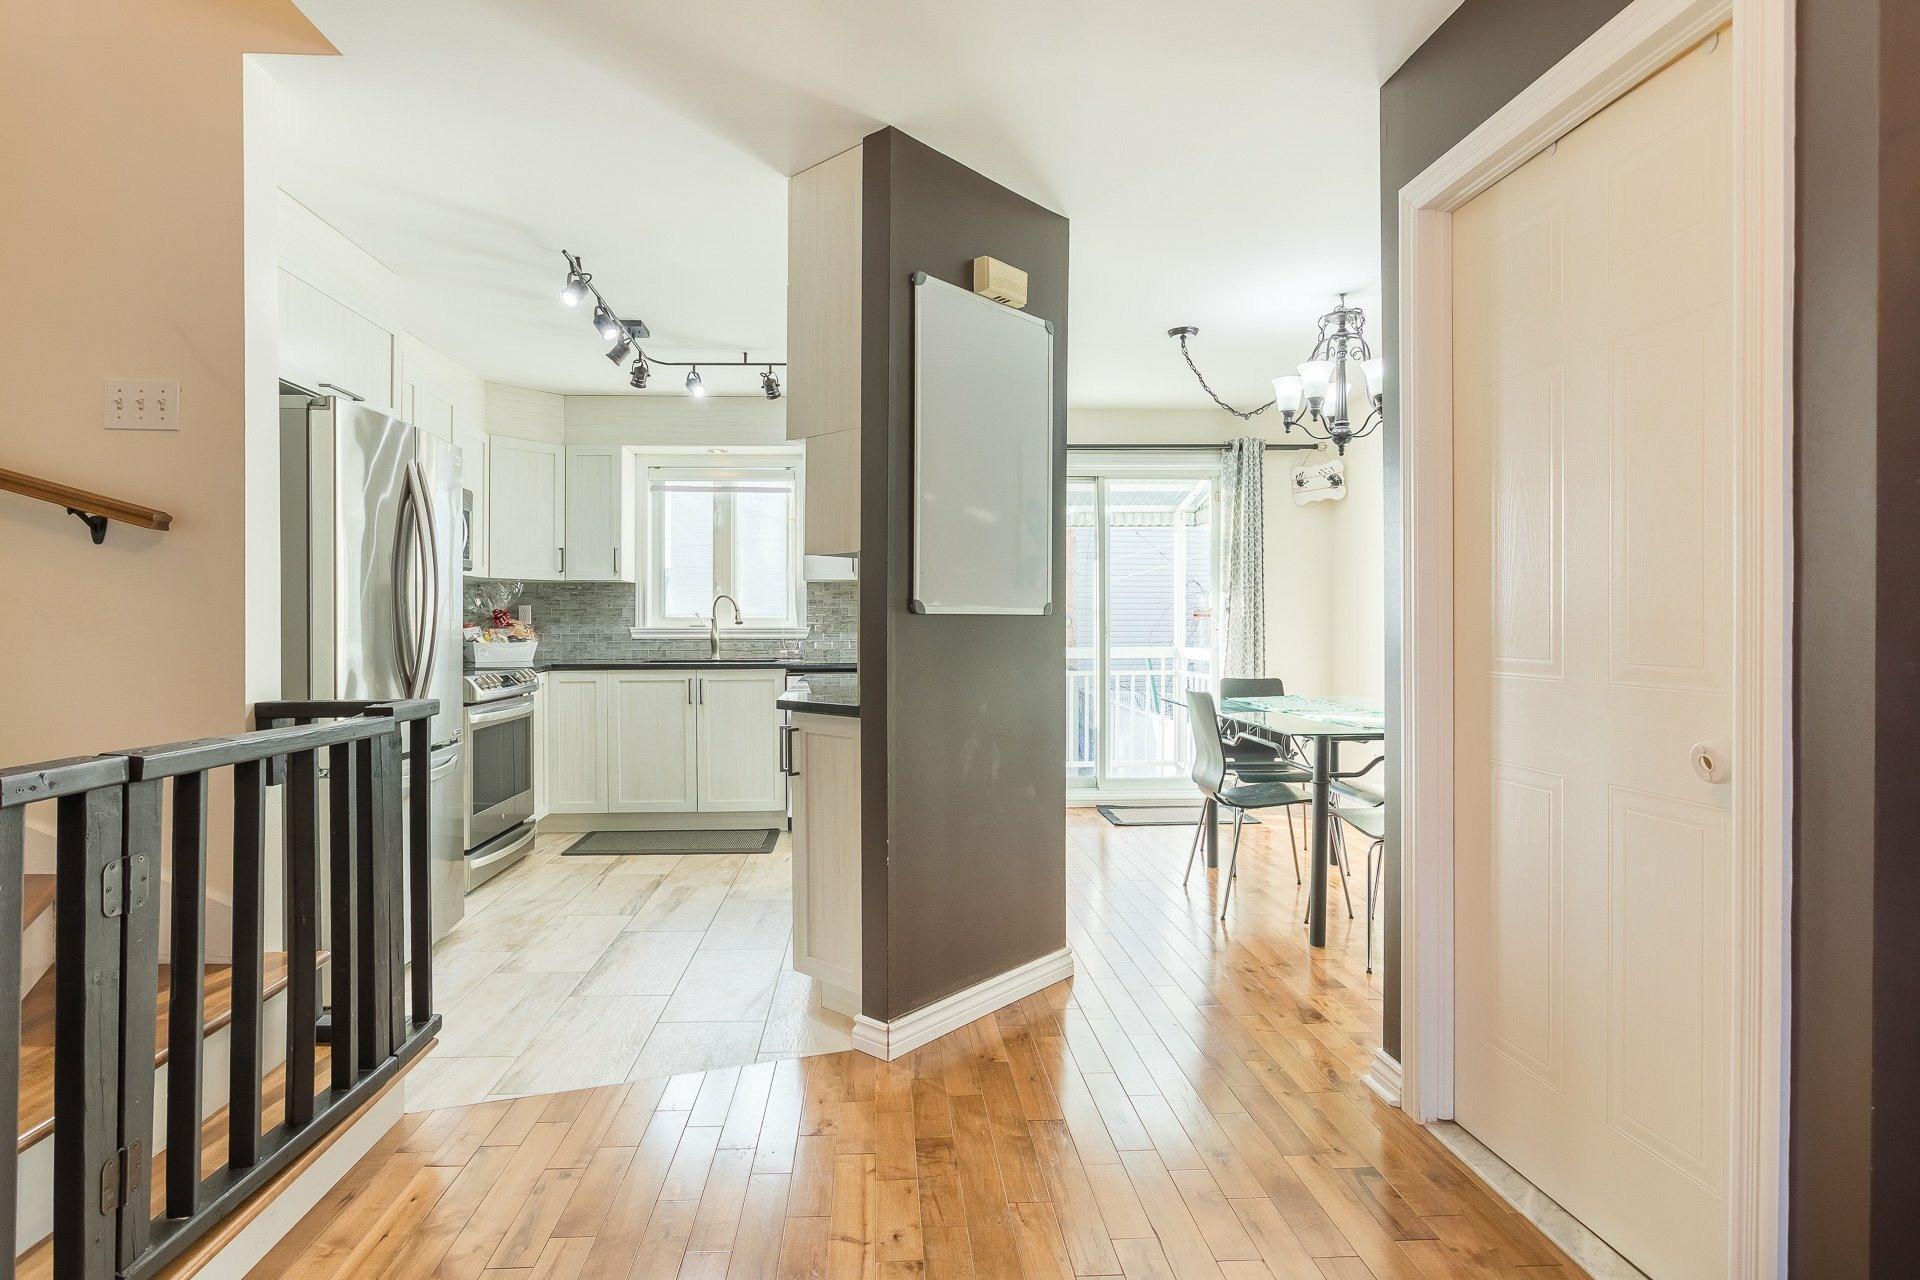 image 7 - House For sale Rivière-des-Prairies/Pointe-aux-Trembles Montréal  - 9 rooms